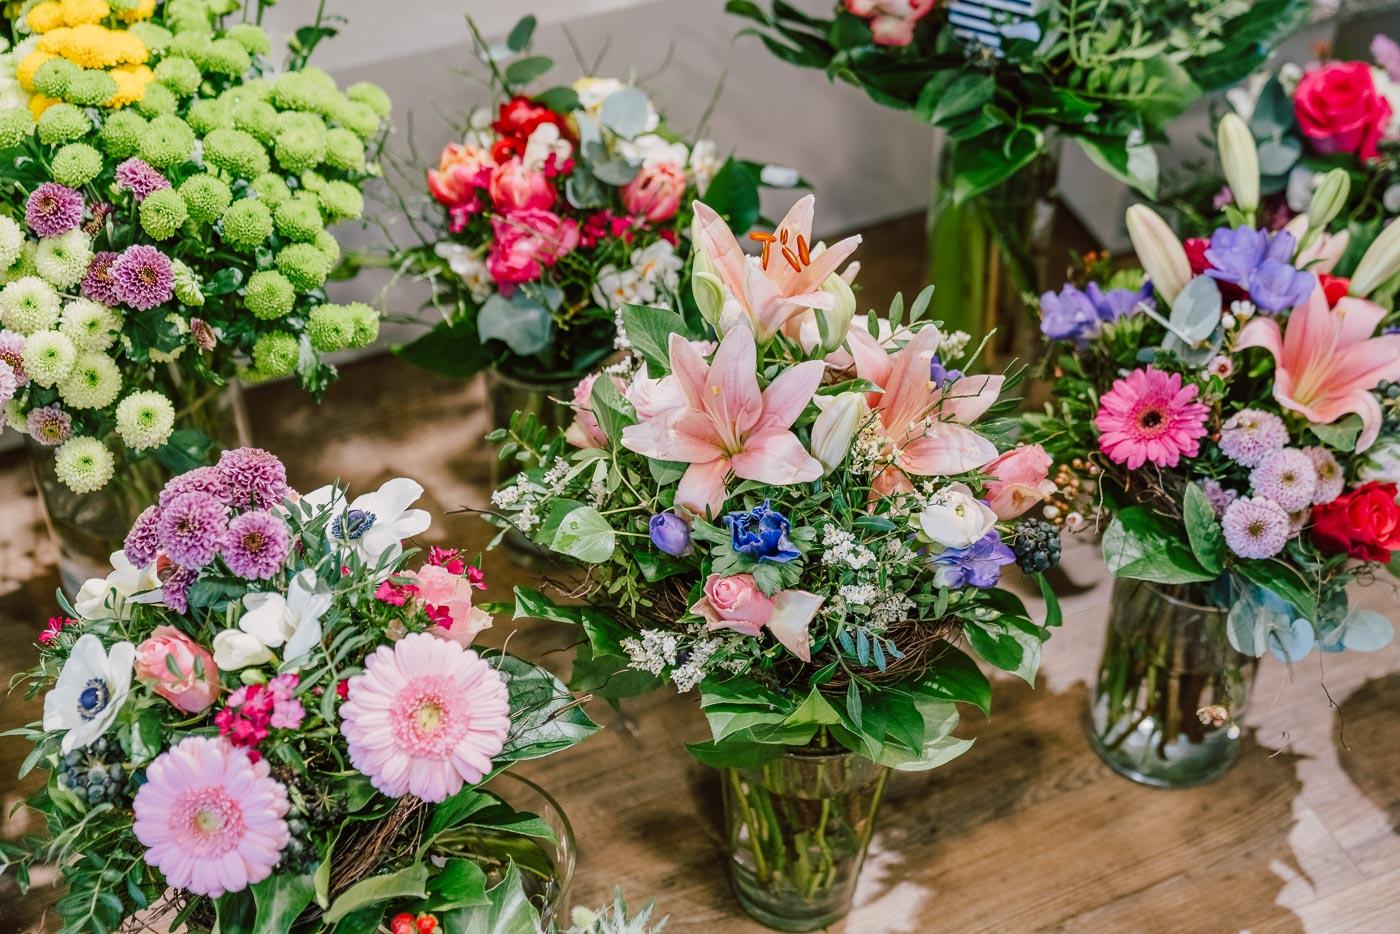 Blumen-Gaby-Strohmeier-straeusse-feb20-3